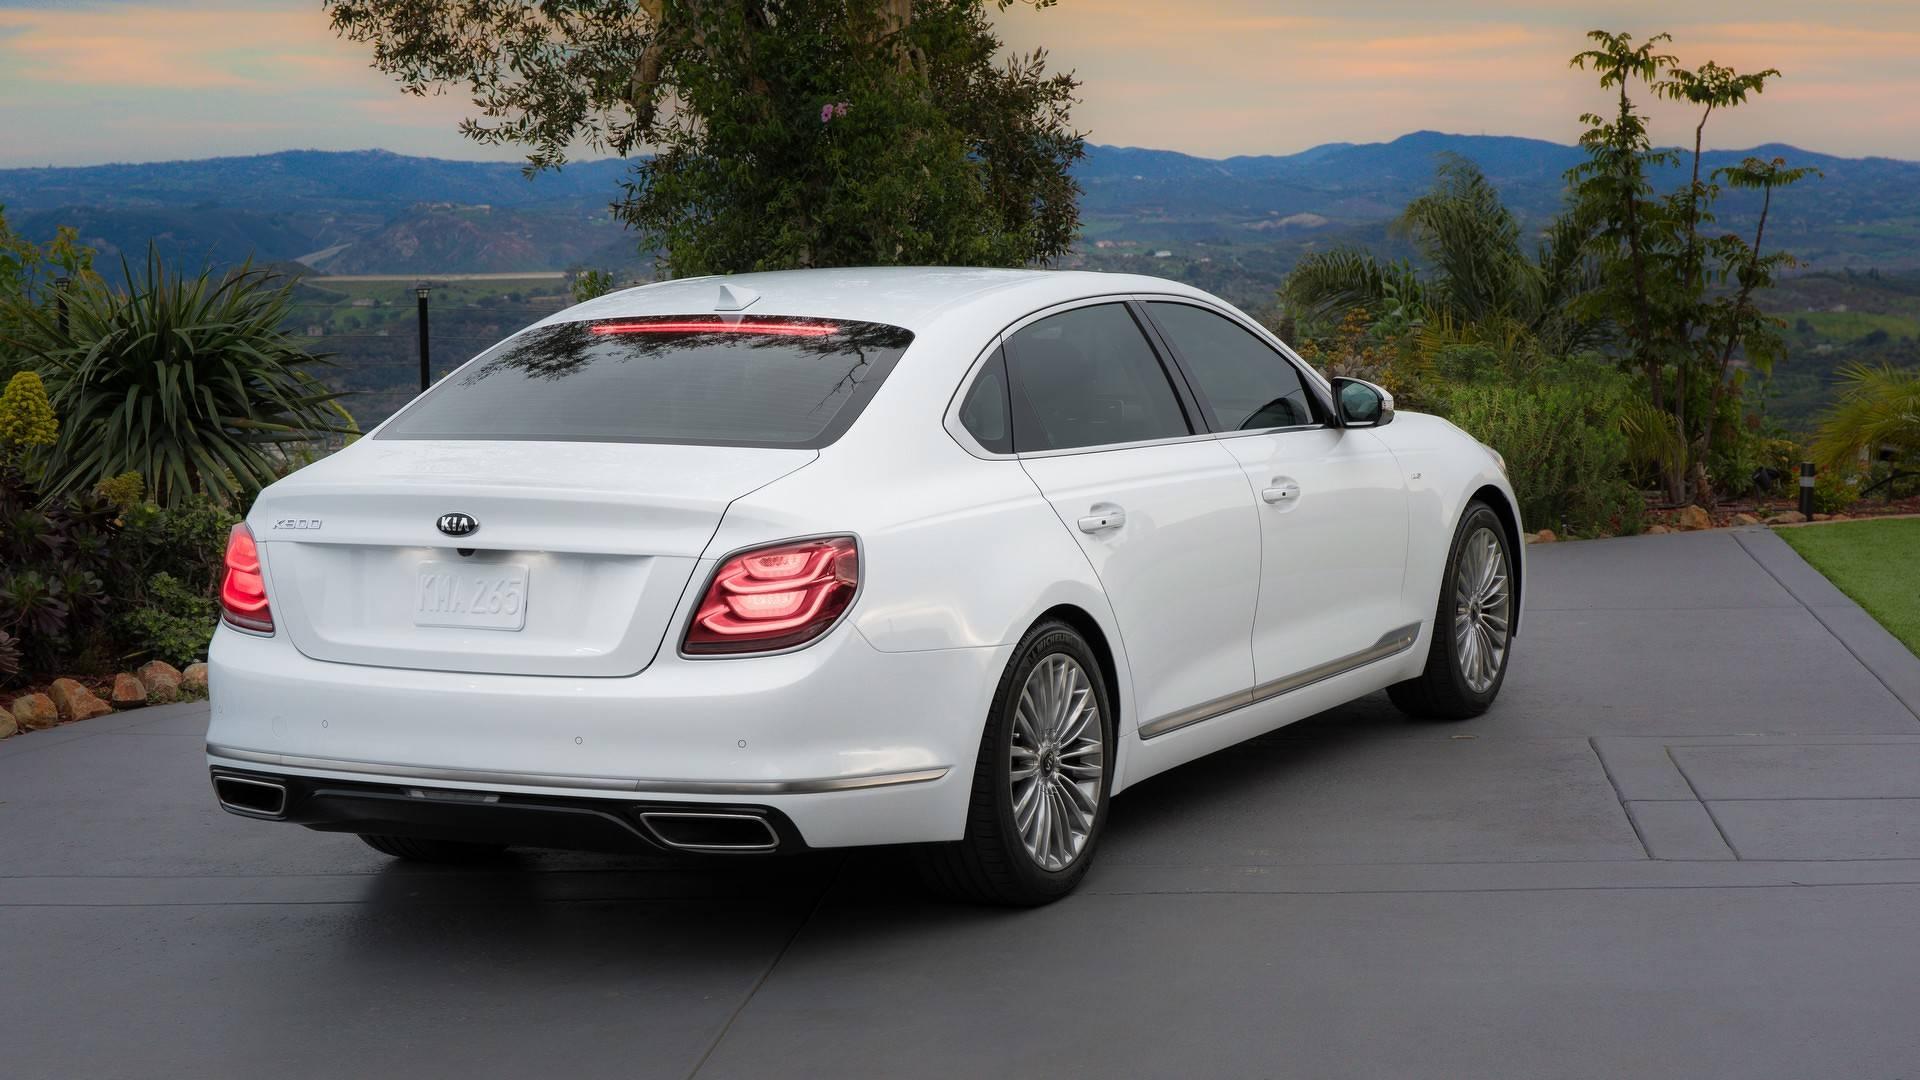 2019 K900 Adds Luxury to Kia Range, Brings Stinger GT ...